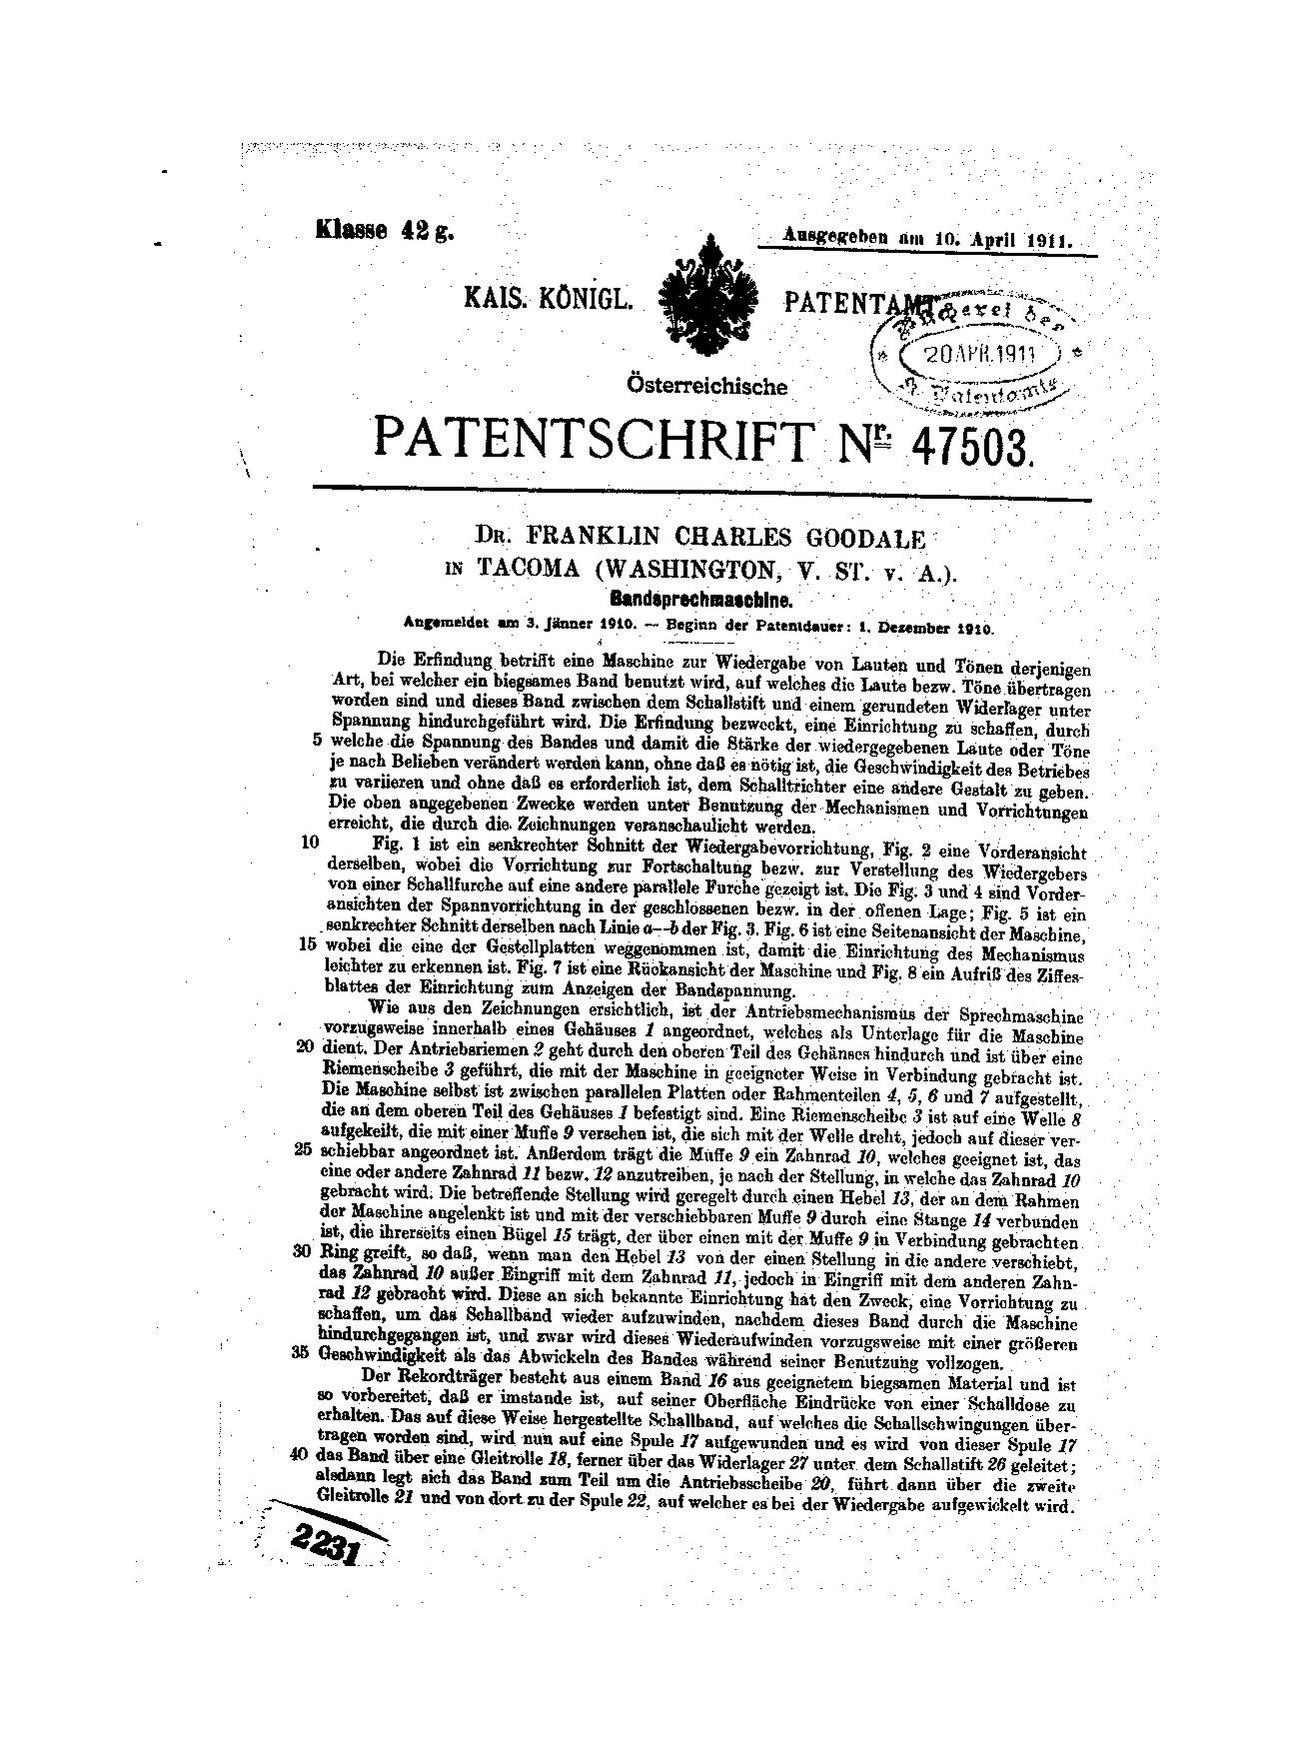 patentschrift